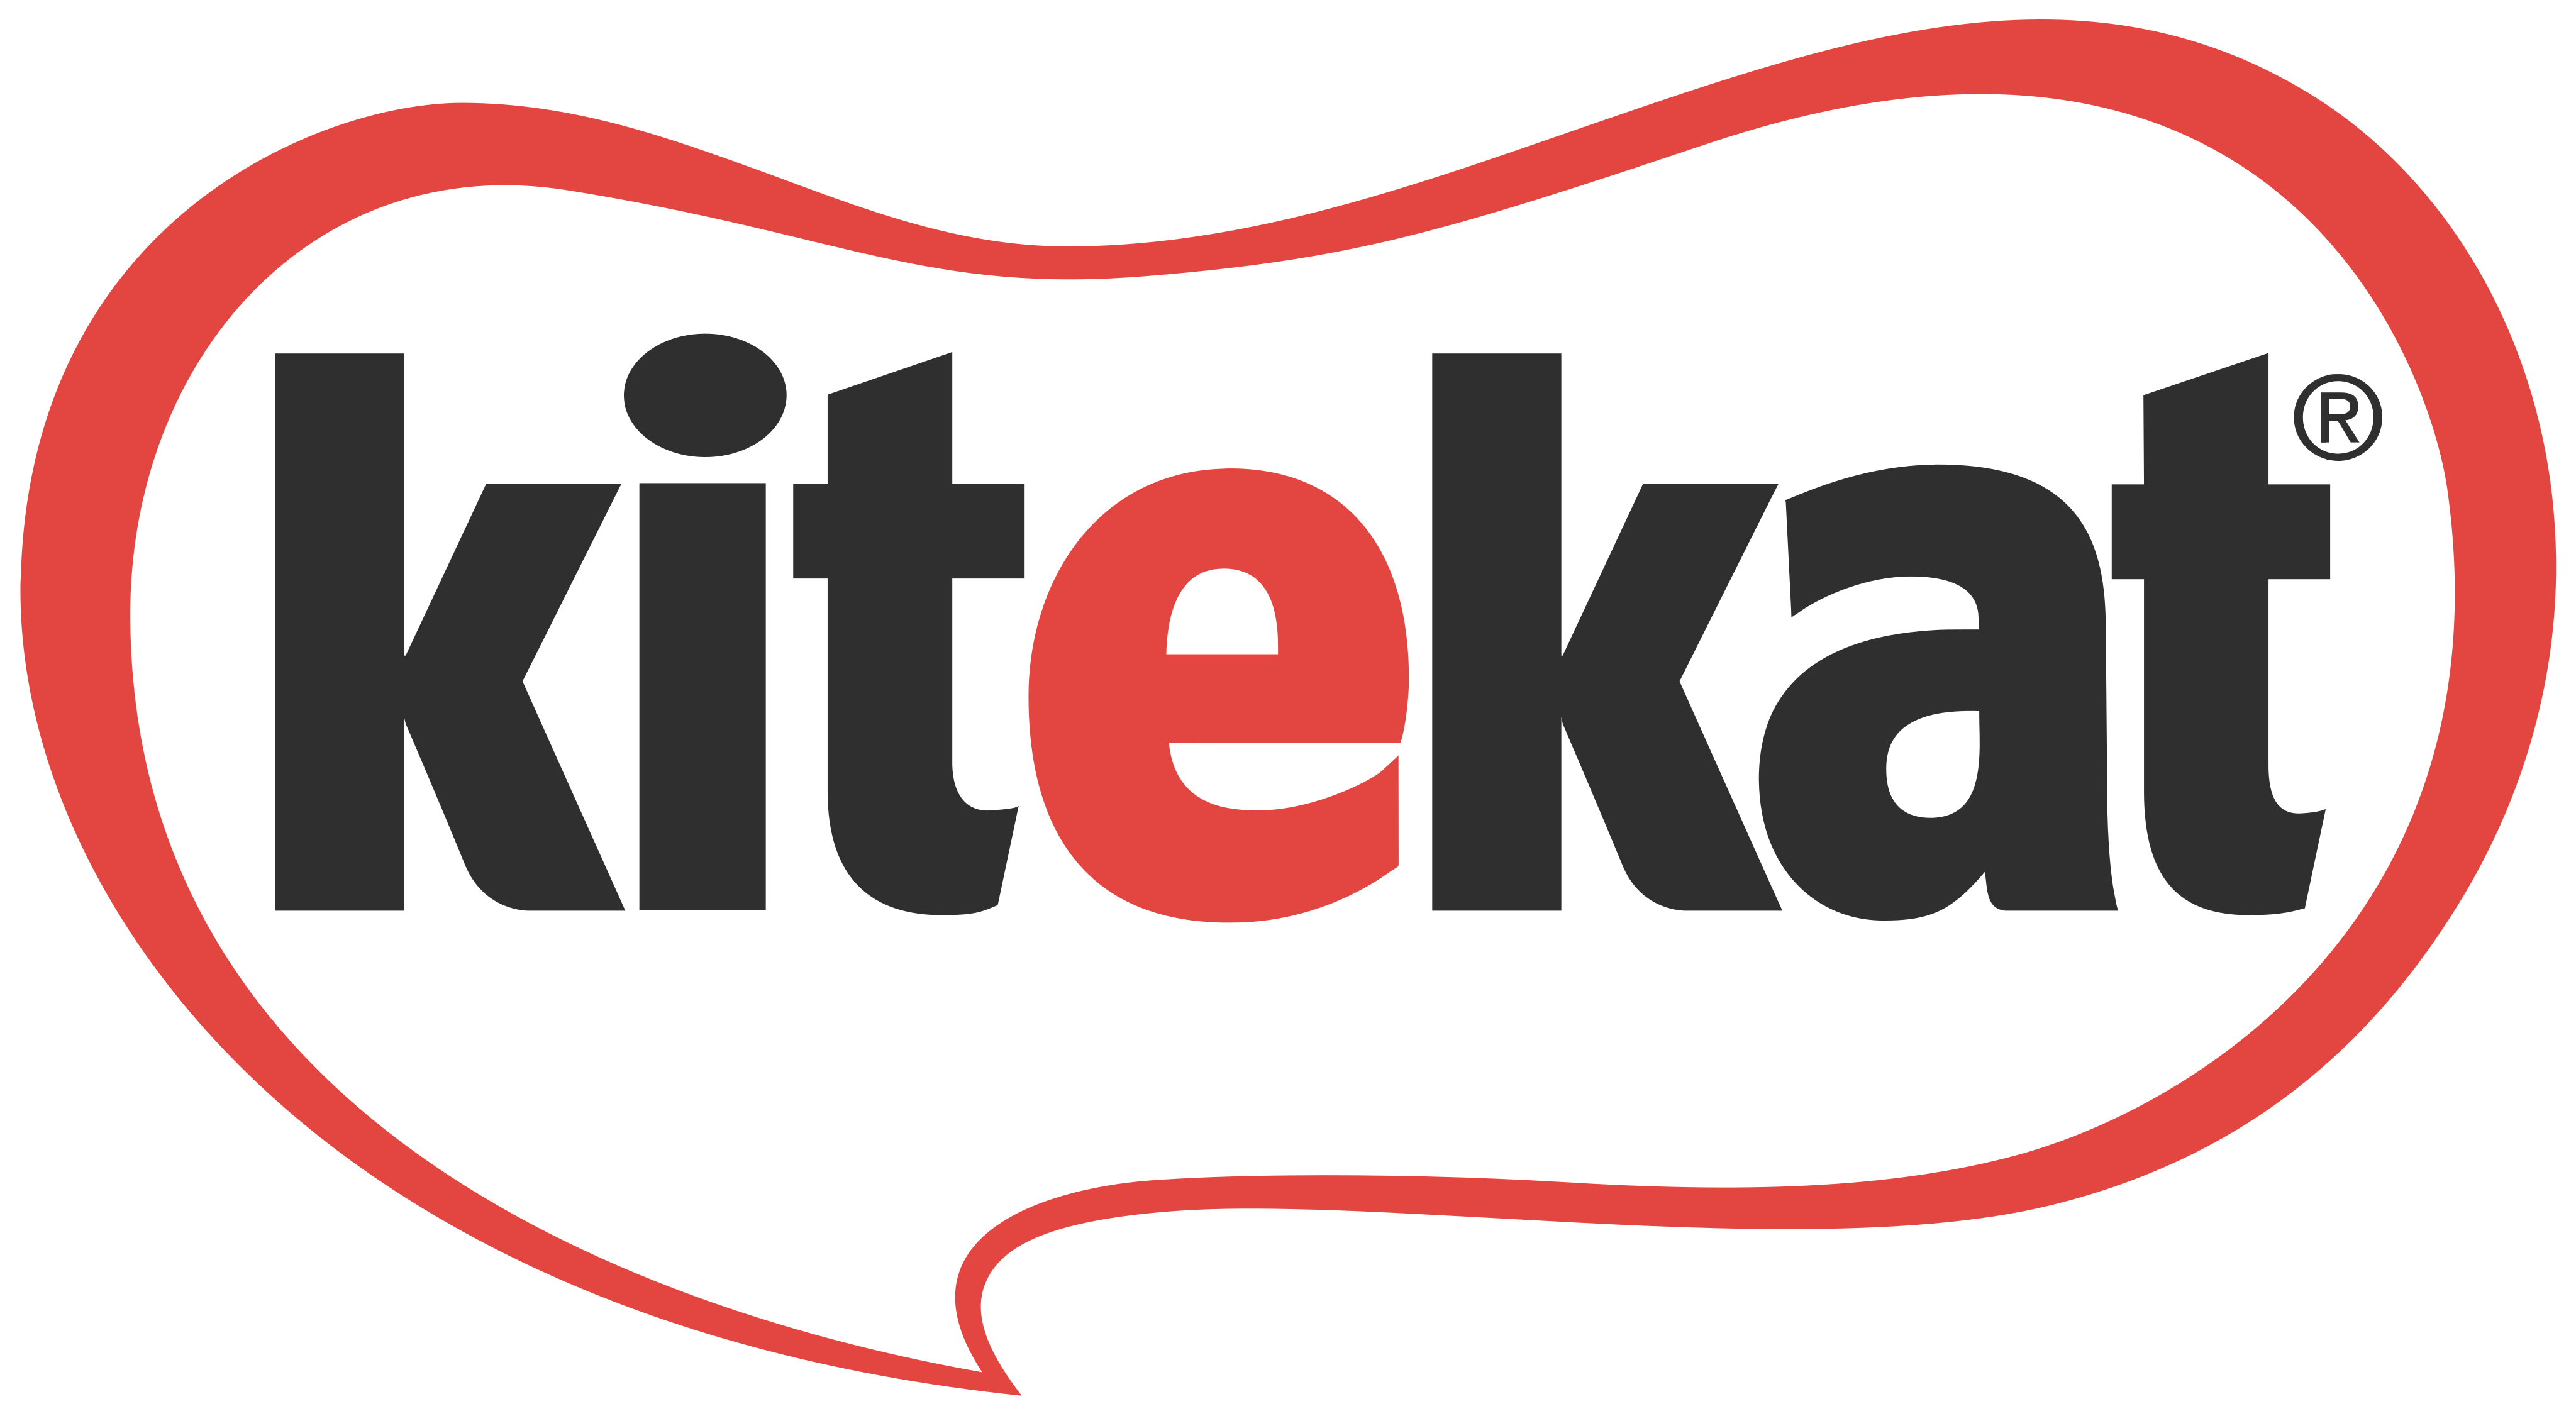 kitekat logo - Kitekat Logo